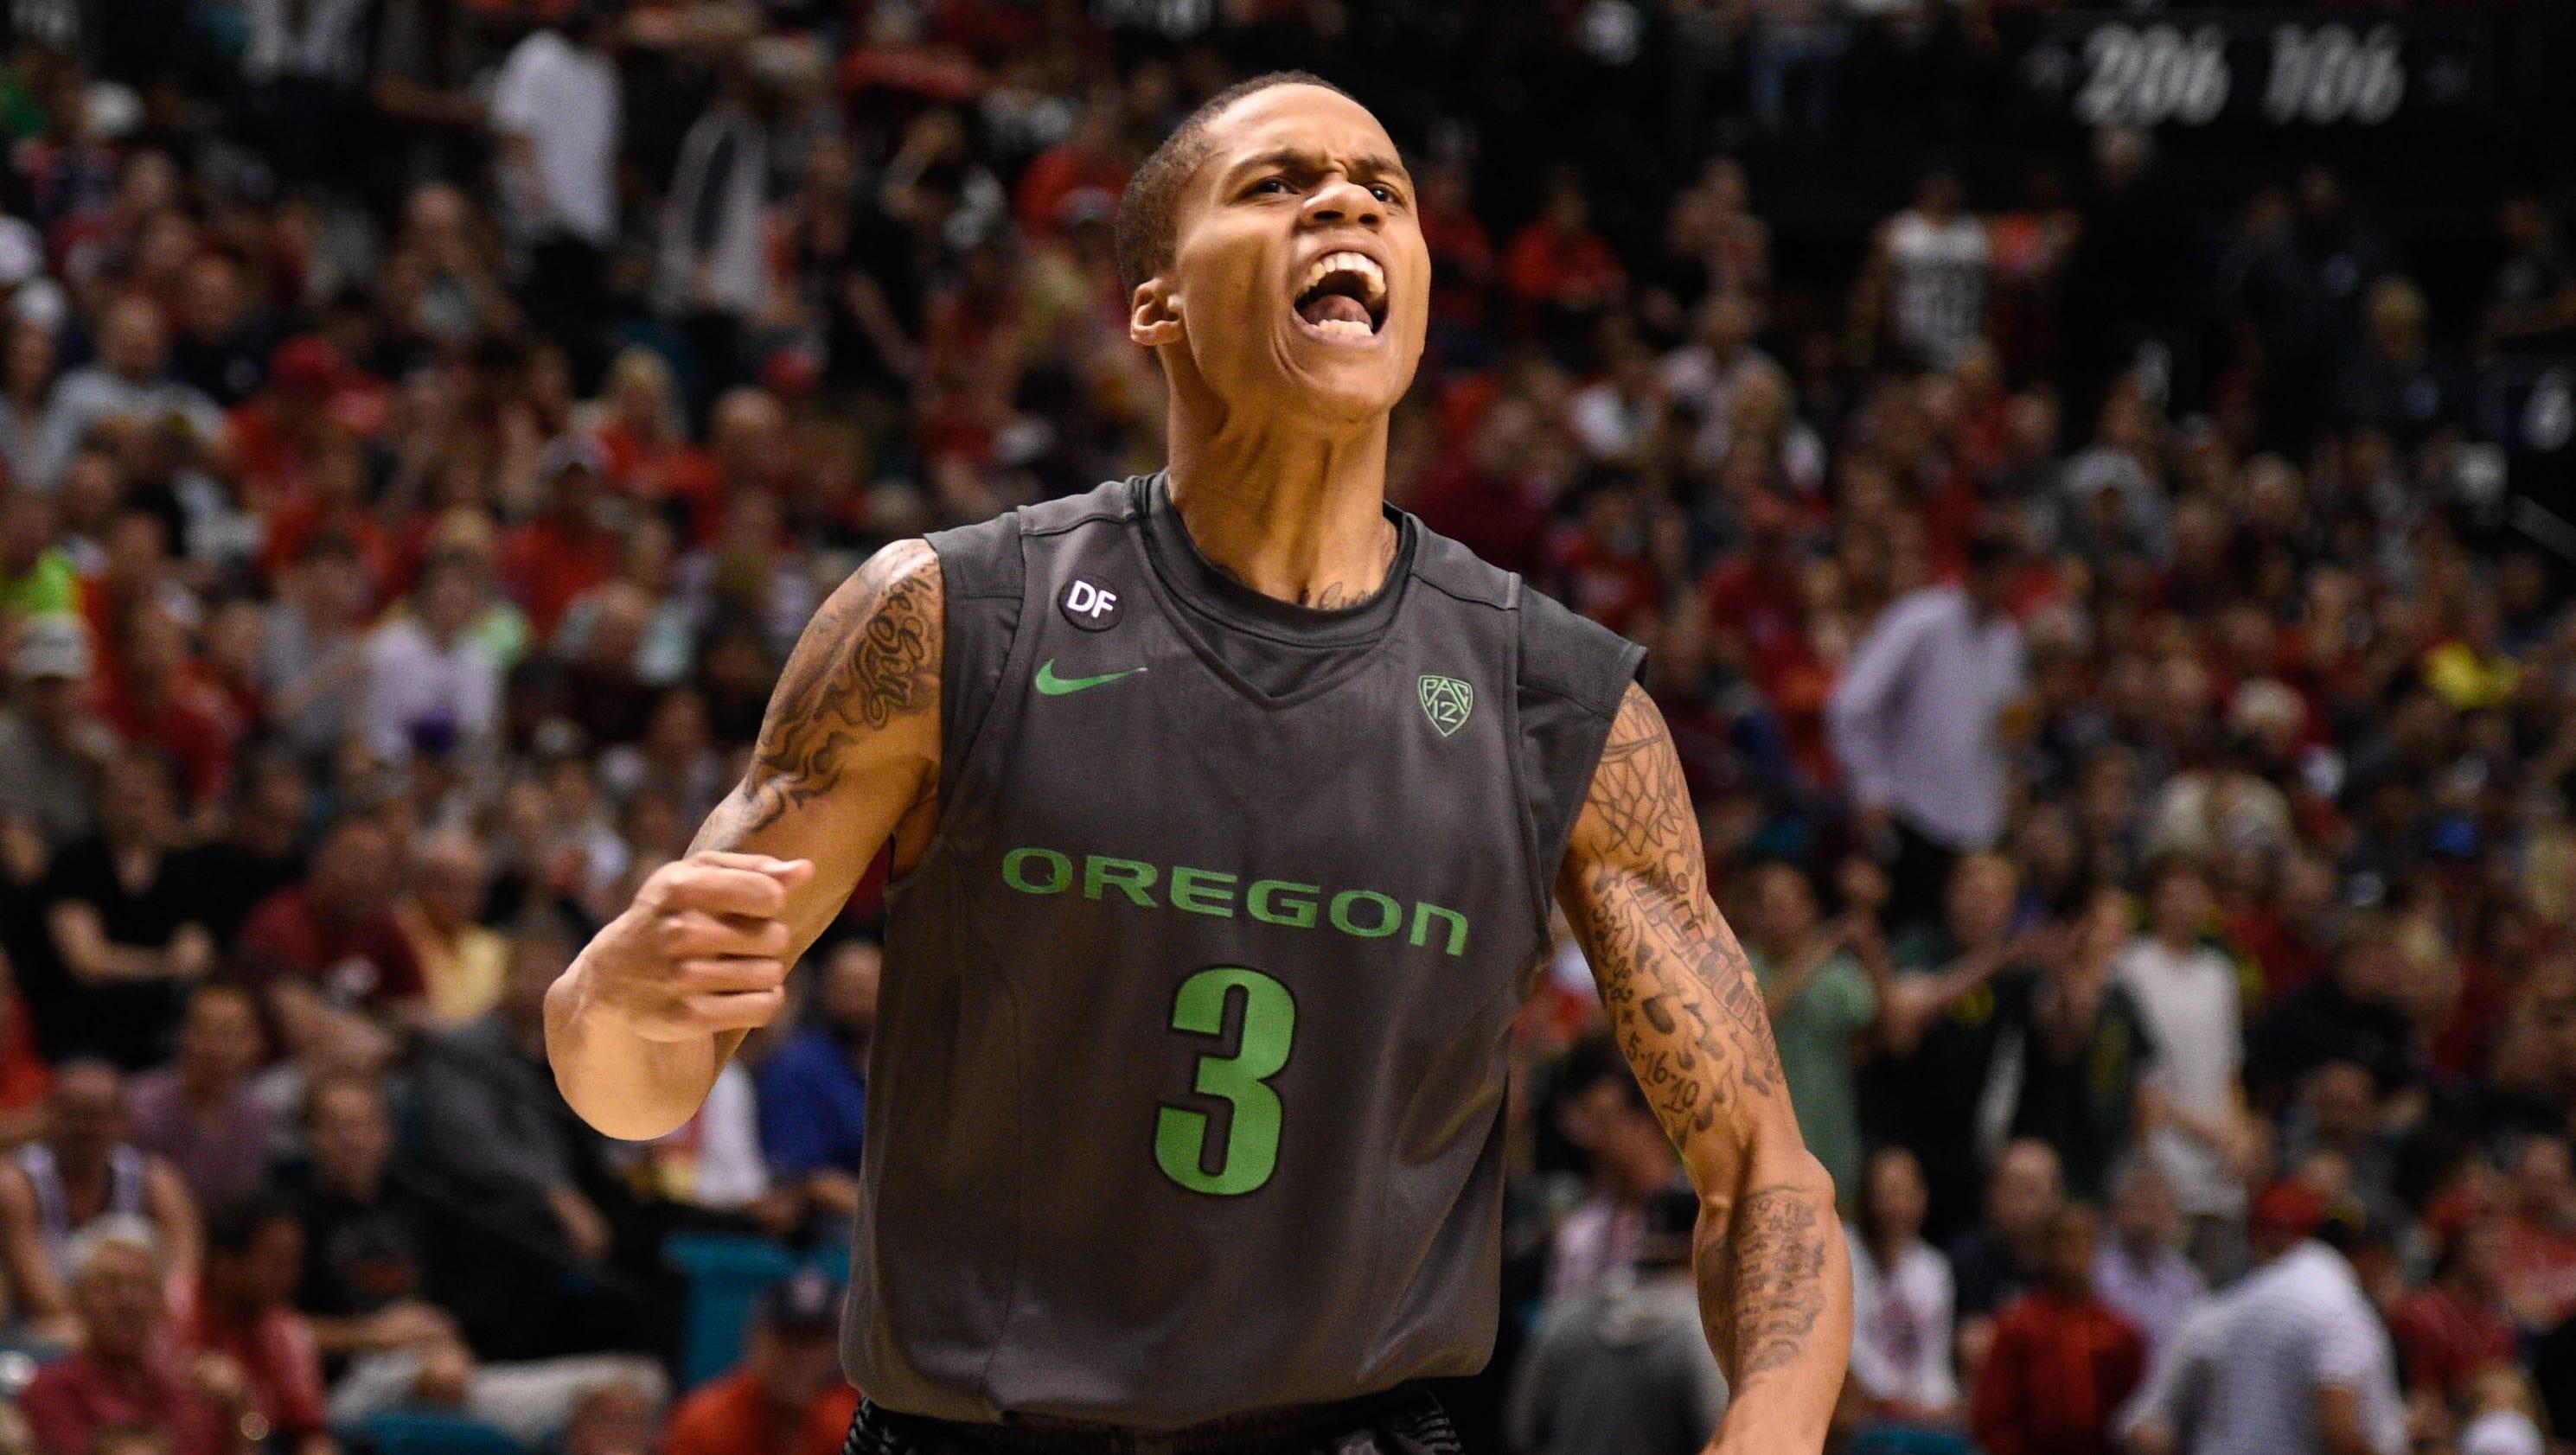 NCAA tournament preview: Oregon vs. Oklahoma State